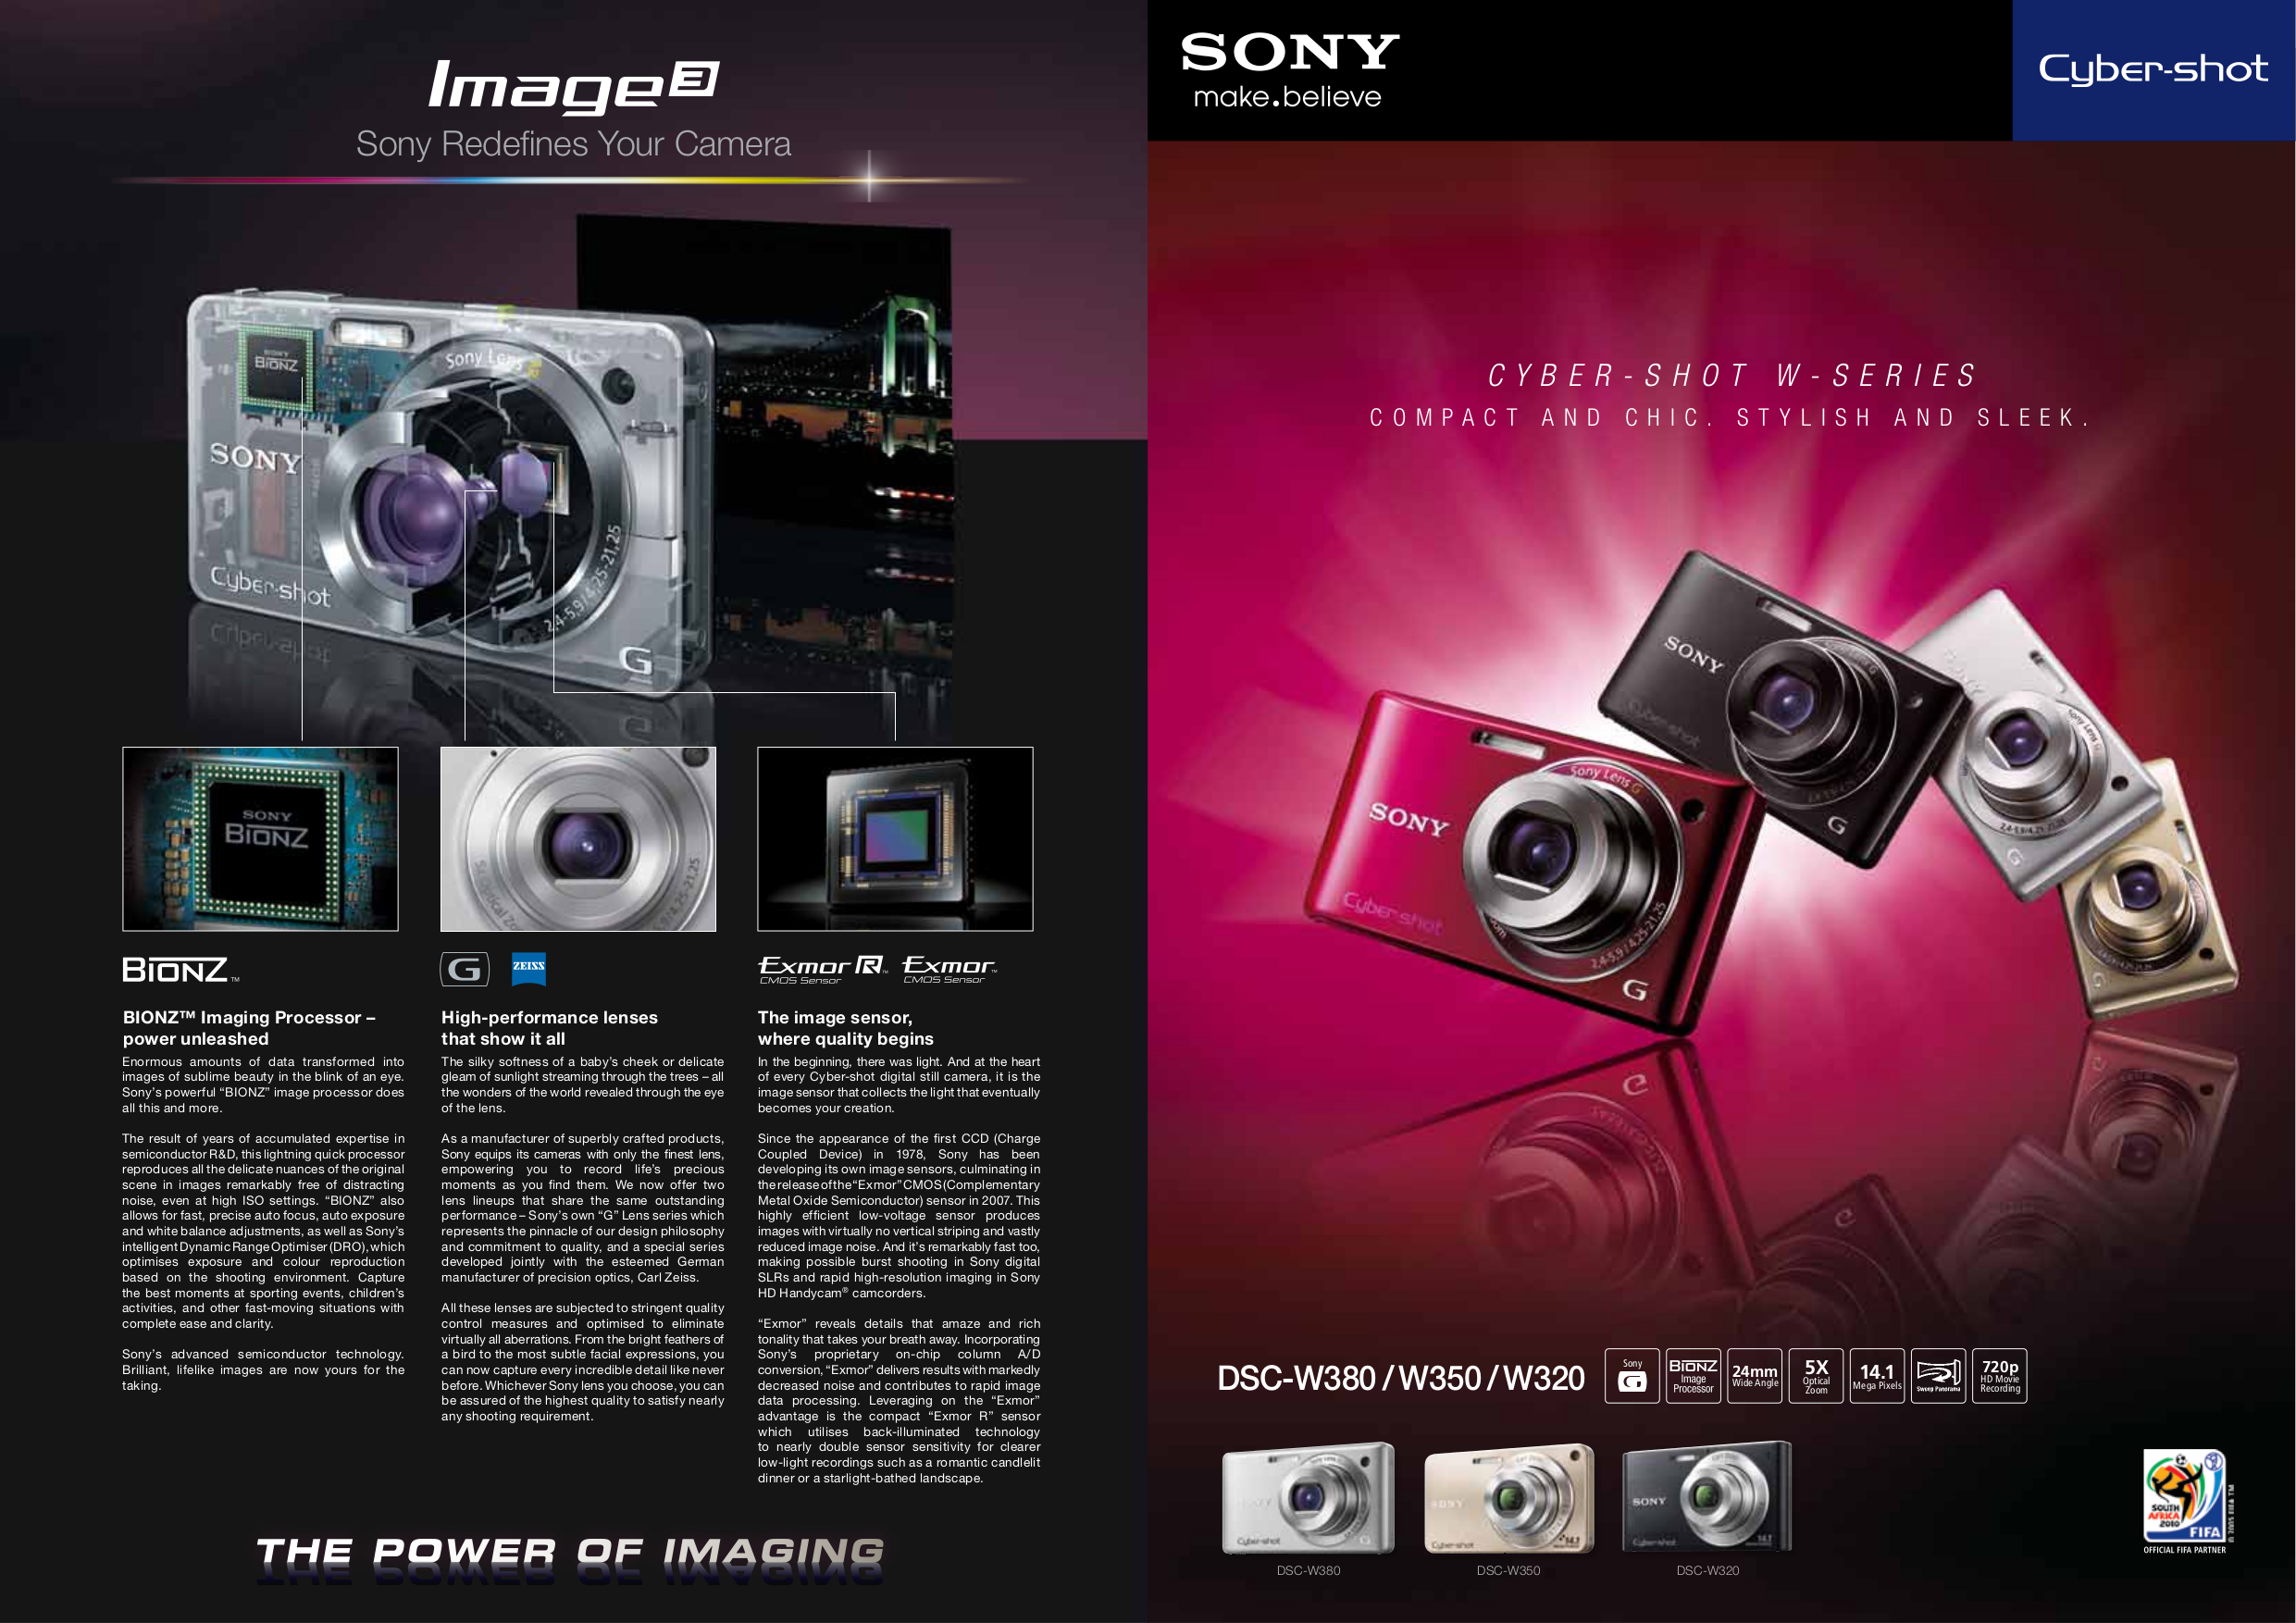 download free pdf for sony cybershot cyber shot dsc w350 digital rh umlib com Sony DSC W350 Battery Charger sony optical steady shot dsc-w350 manual